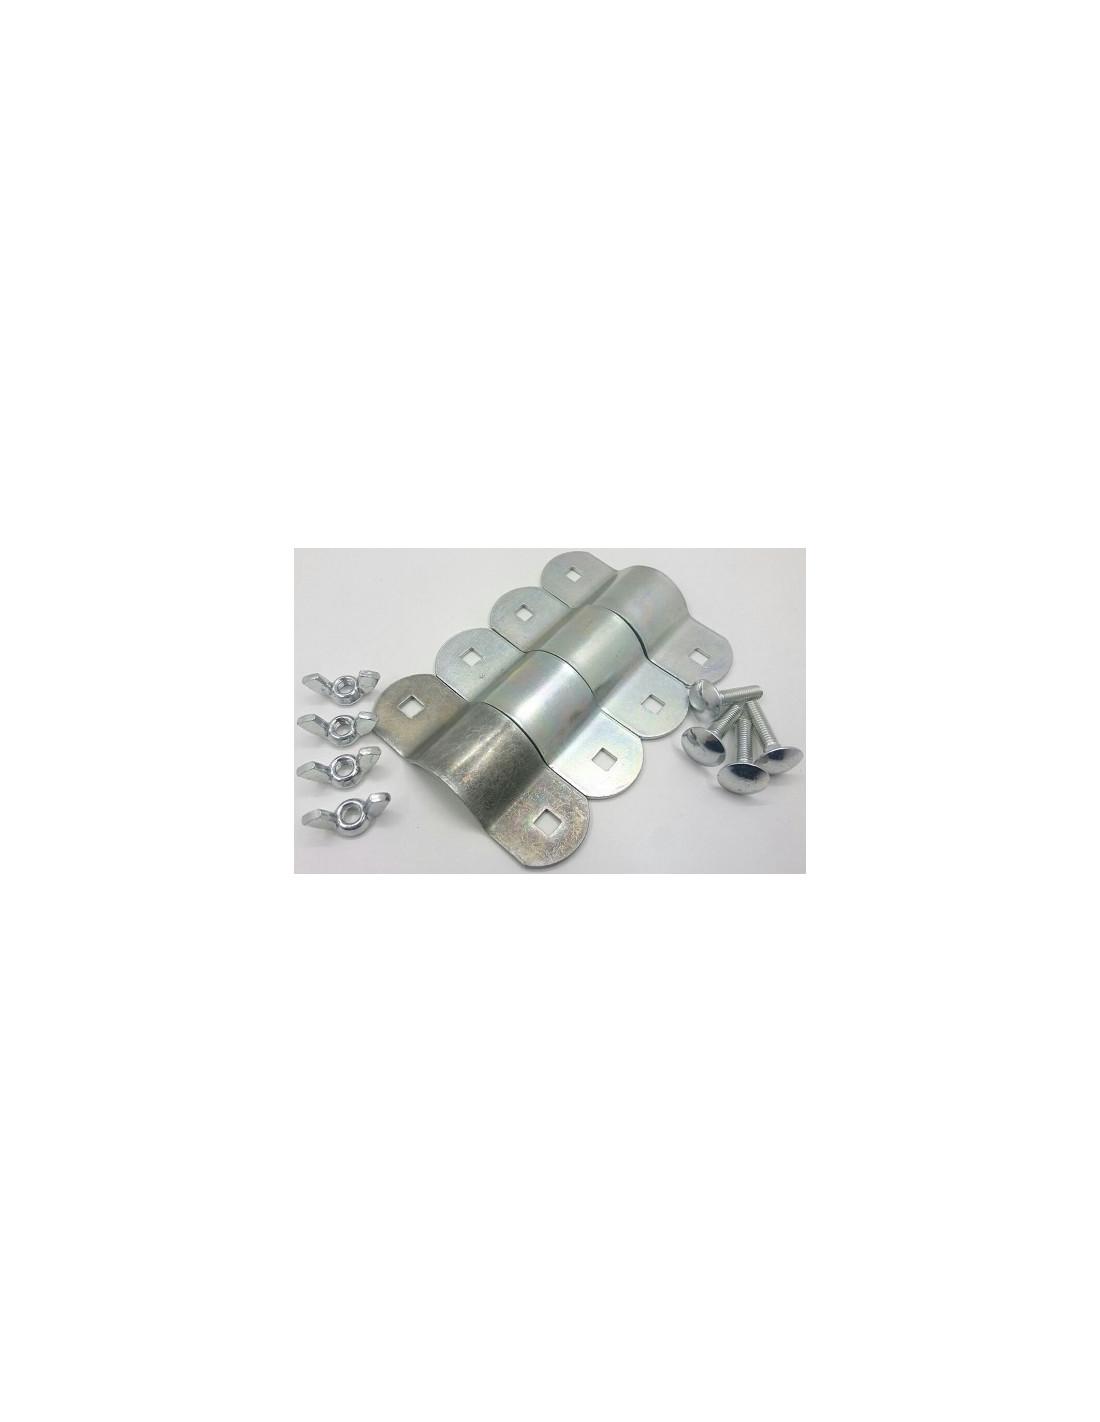 Abrazaderas de doble sujeci n para tubo de refuerzo de 22 - Abrazaderas para tubos ...